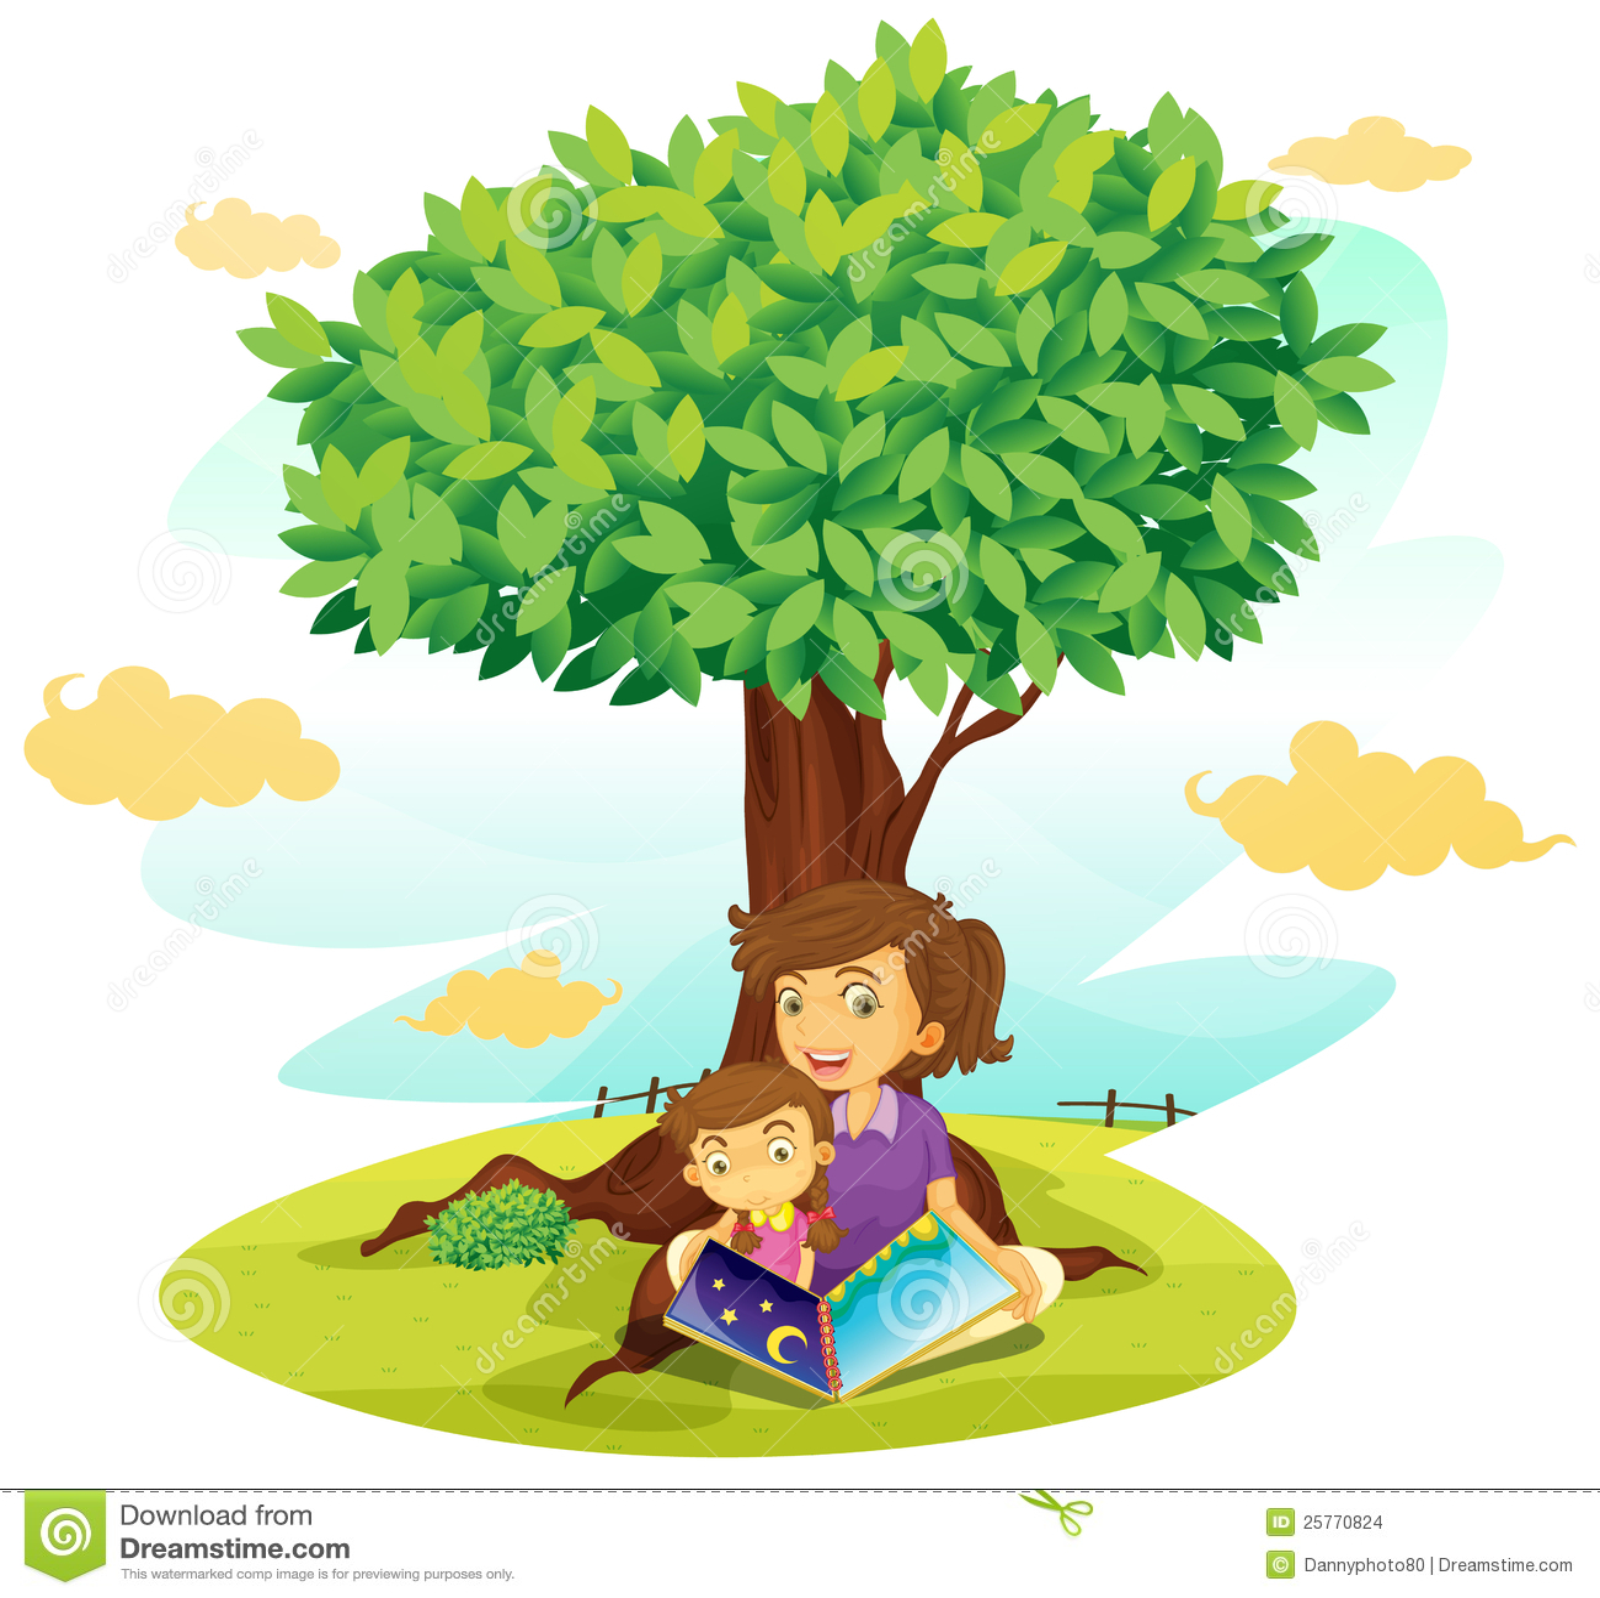 700+ Free Children & Kids Vectors - Pixabay